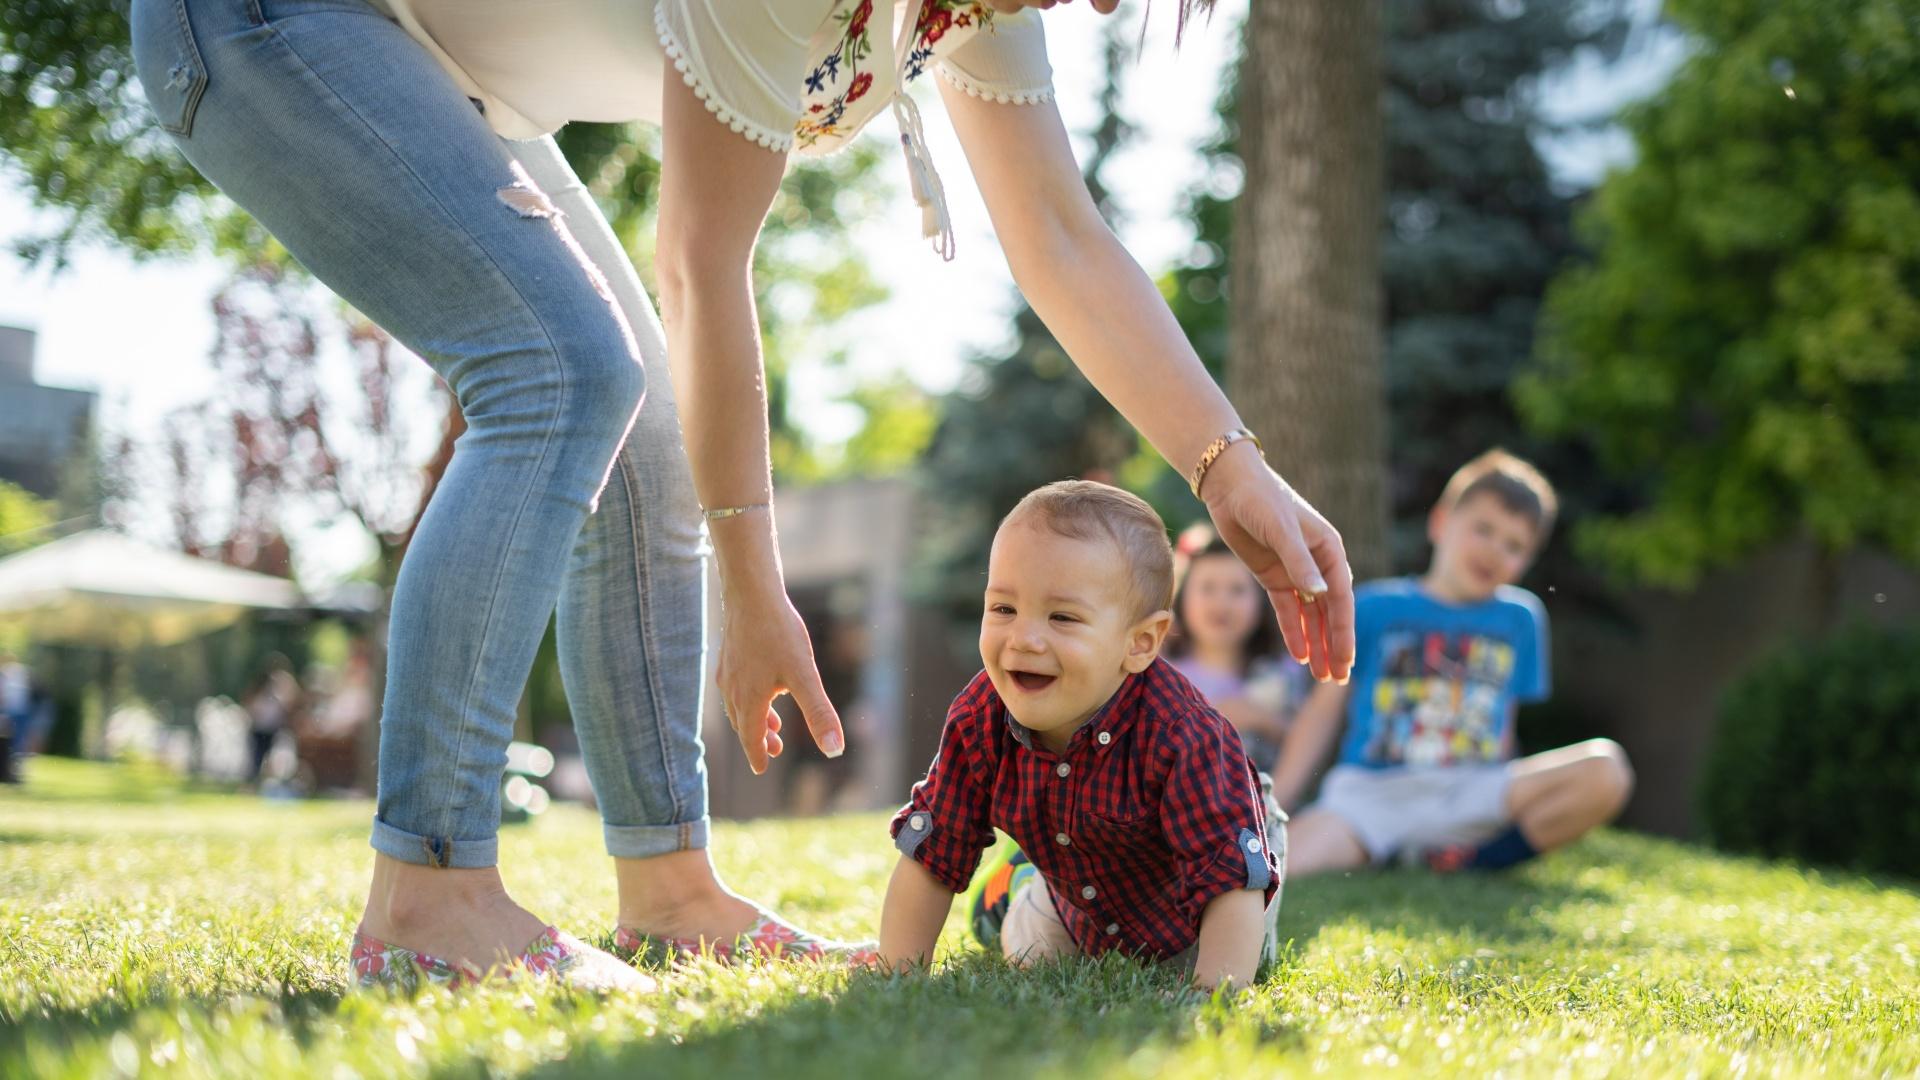 Anya játszik a gyerekekkel a szabadban